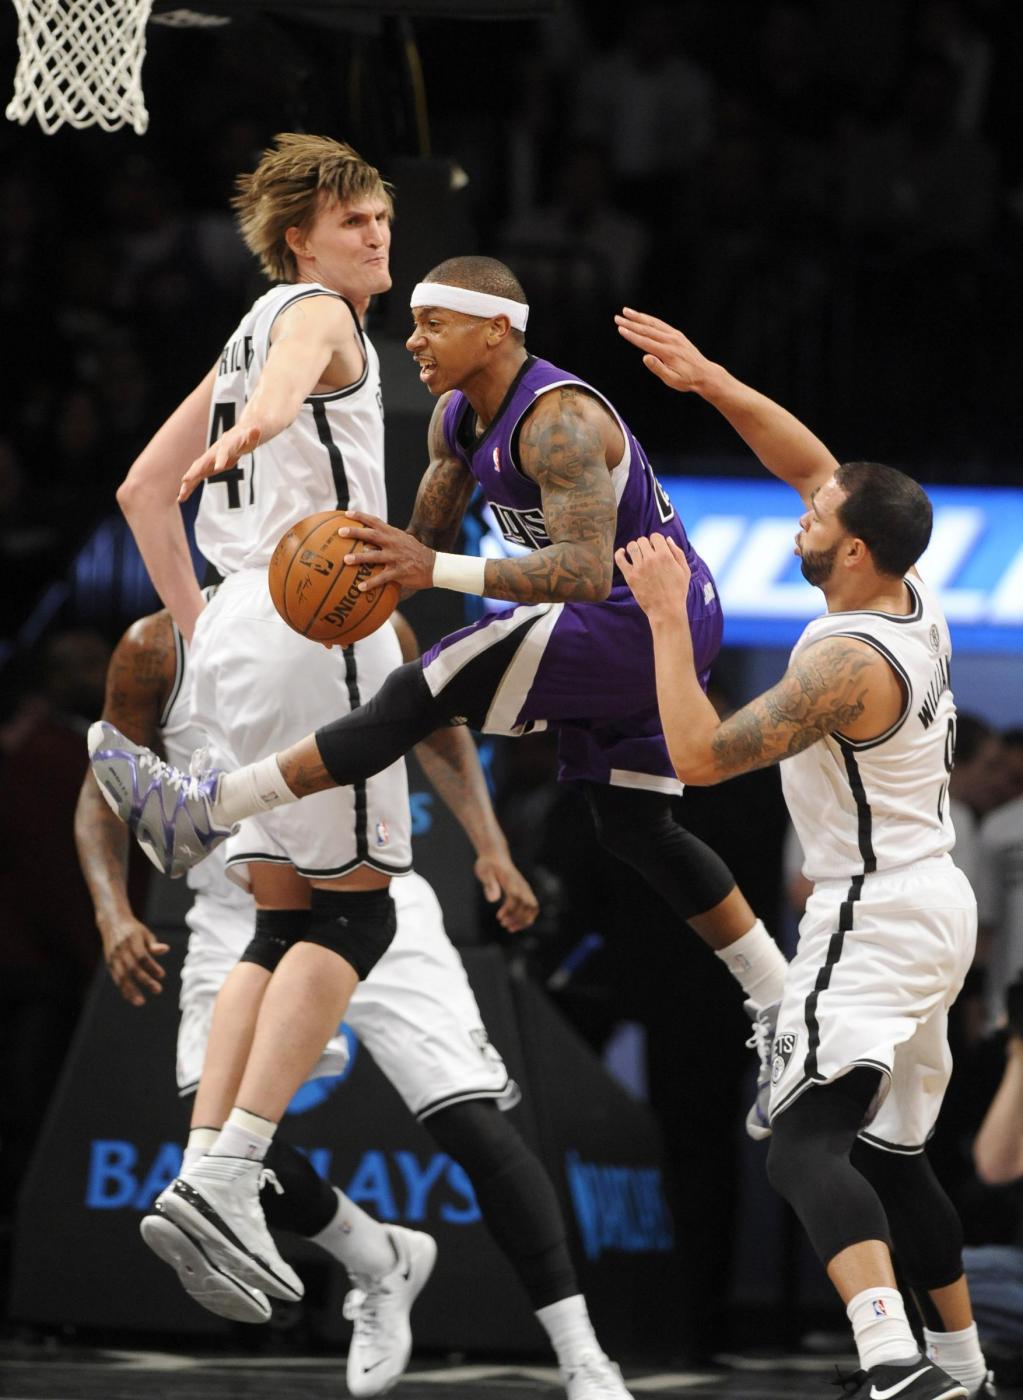 Regole Basket: tutto il regolamento del gioco